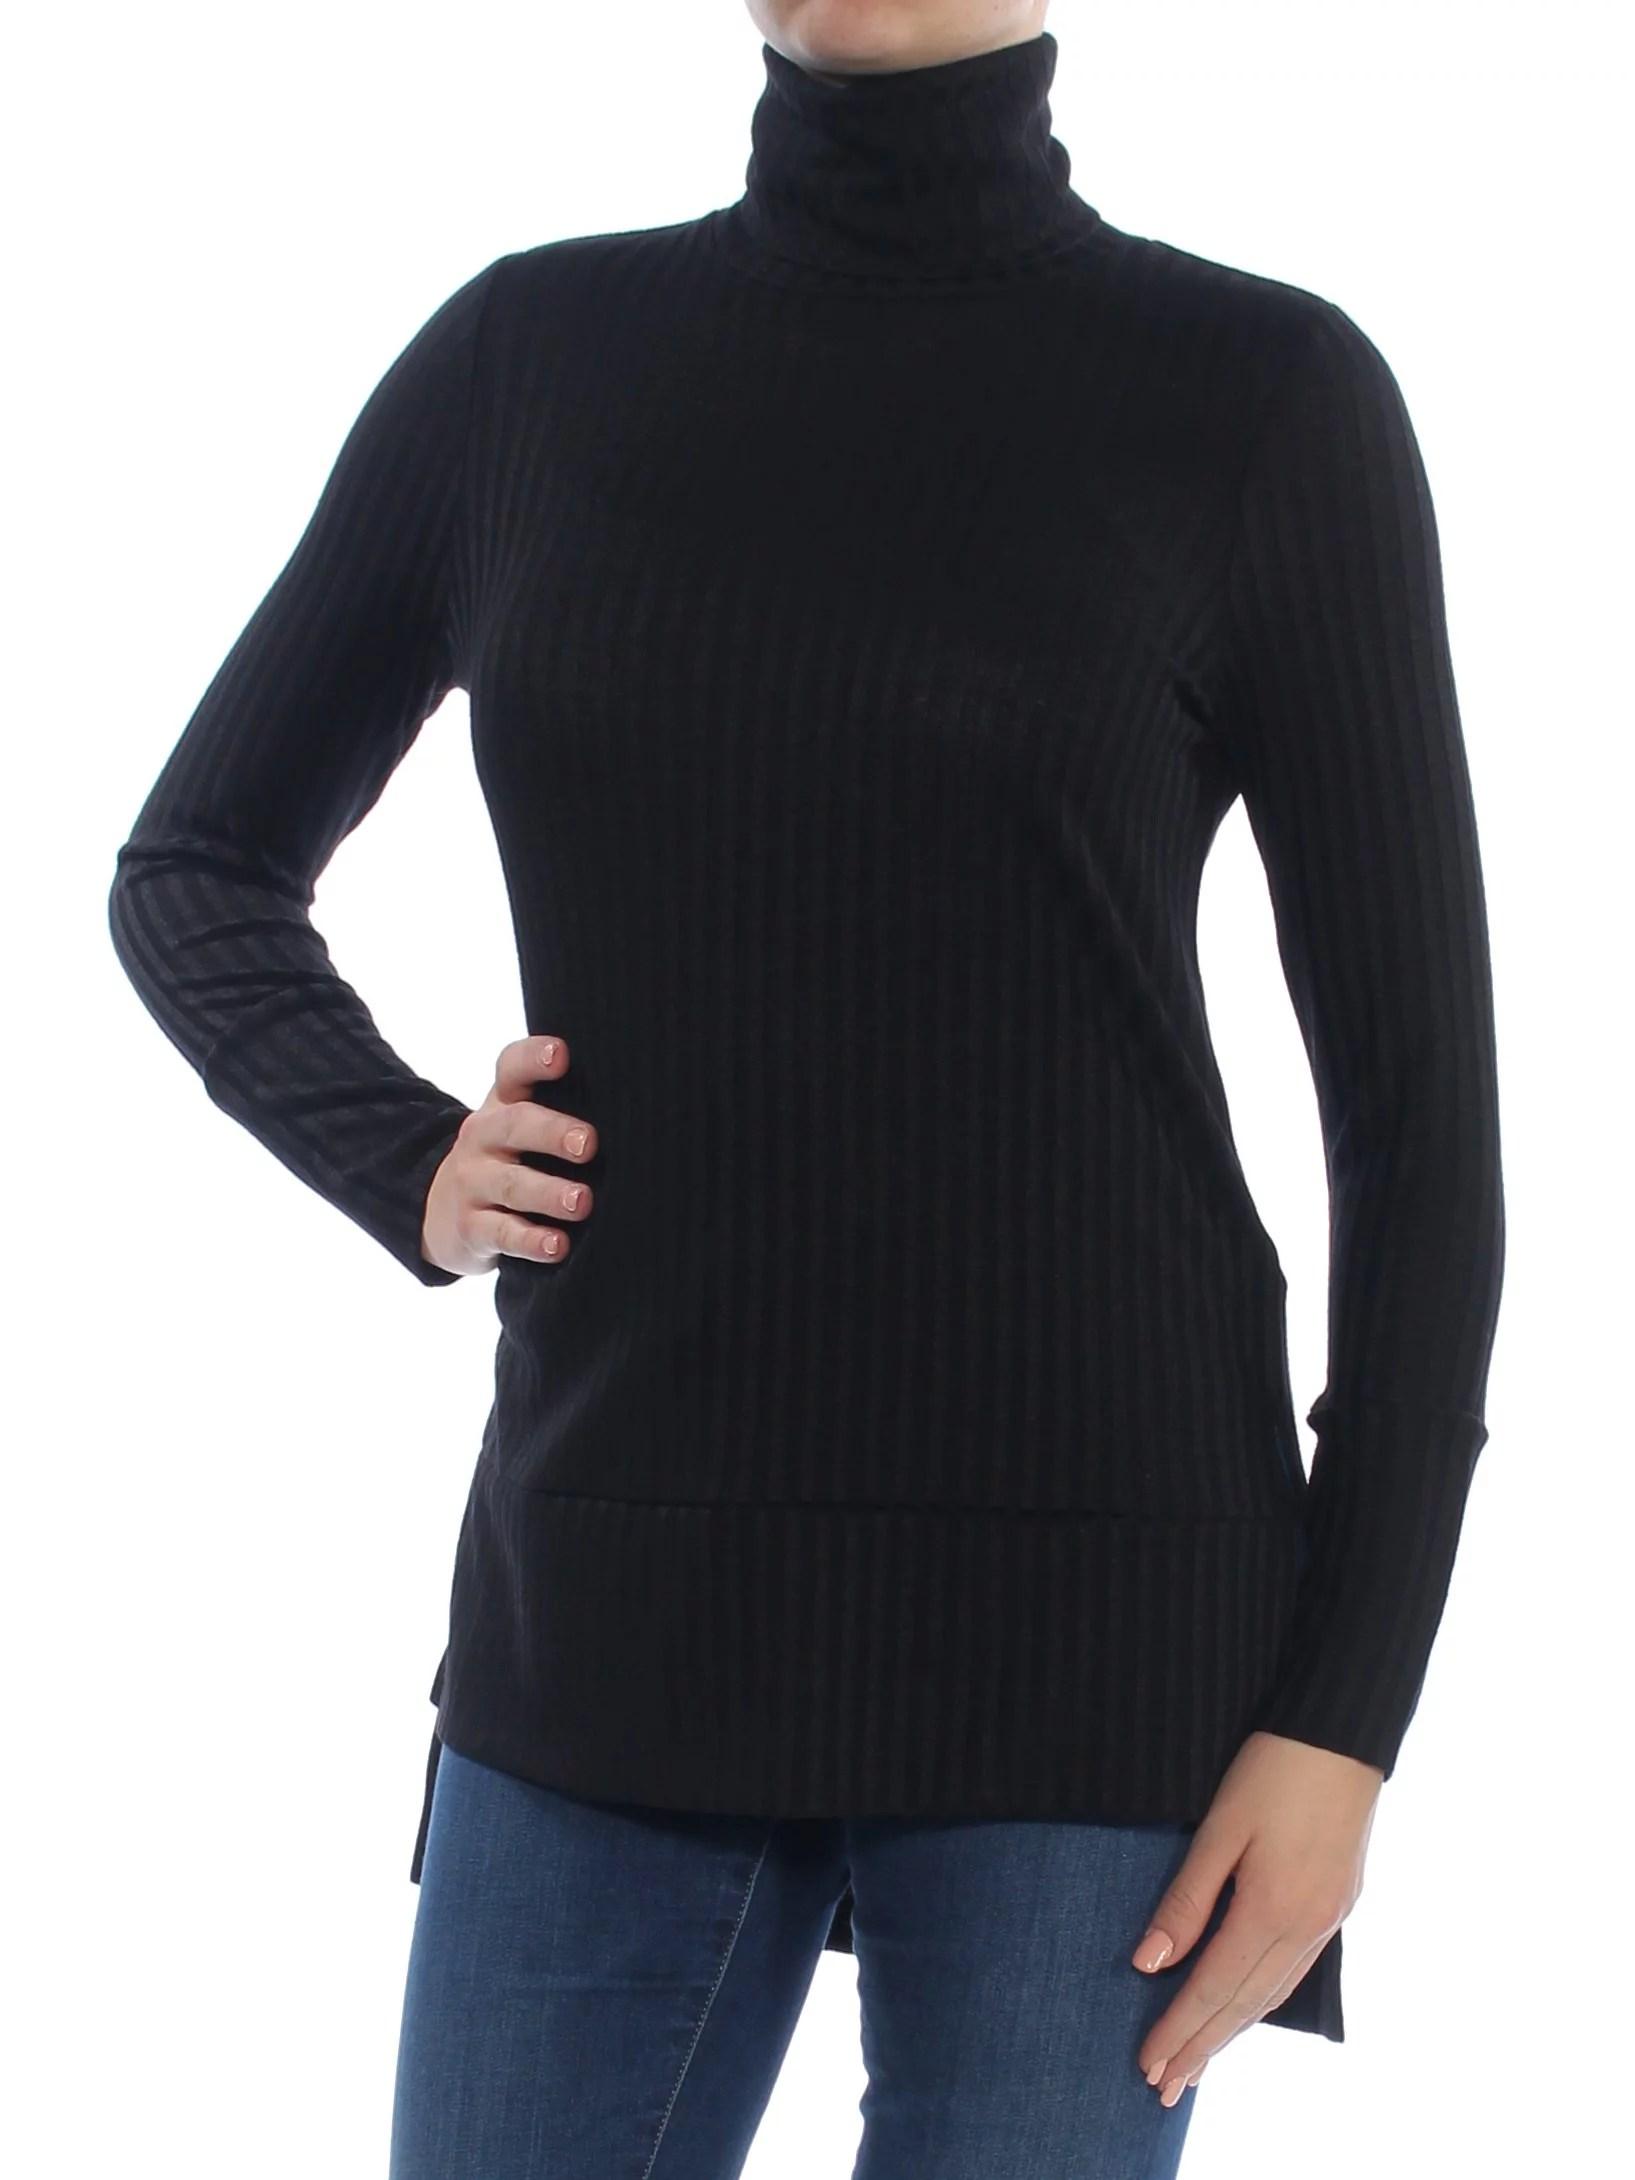 KENSIE Womens Black Long Sleeve Turtle Neck Hi-Lo Top  Size: M